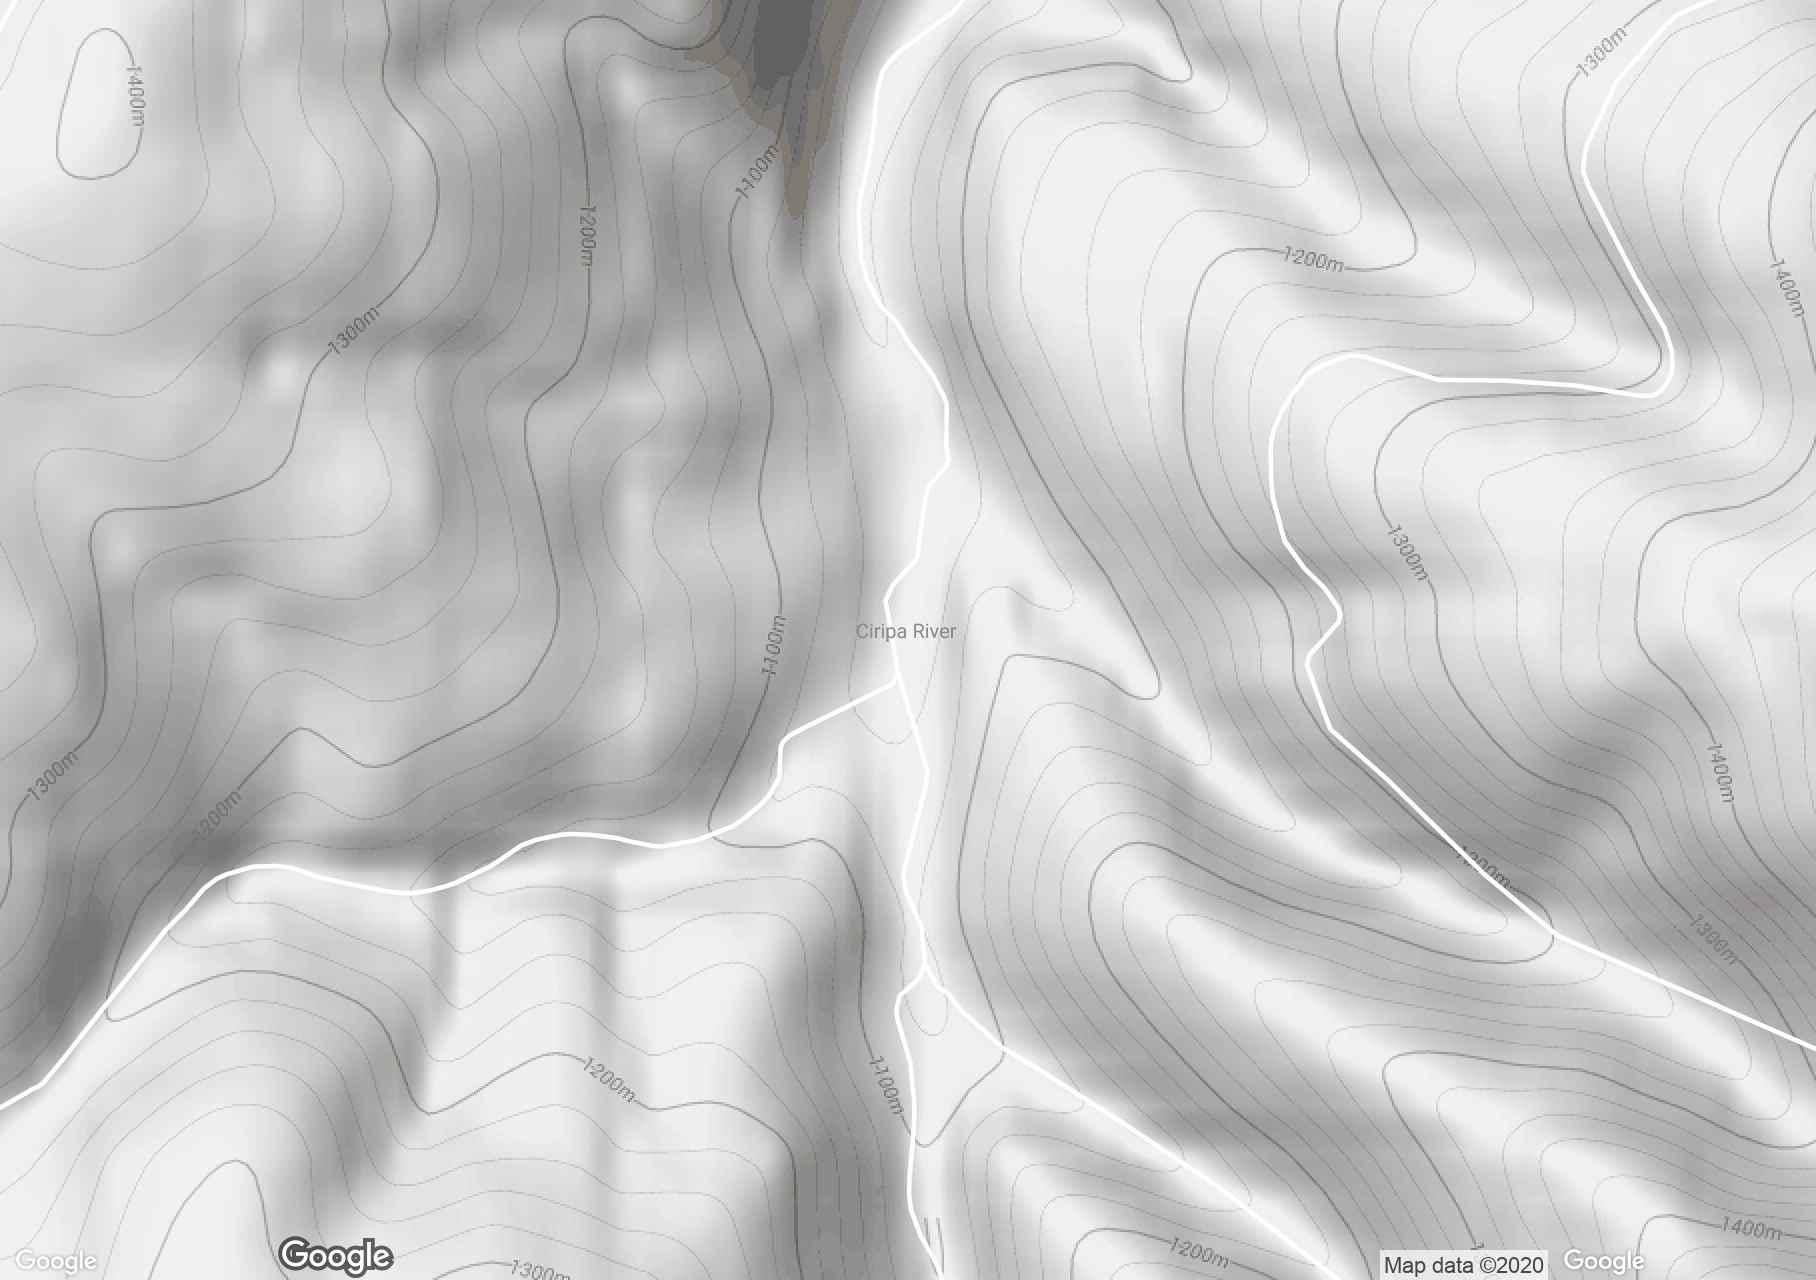 Ciripa, Harta turistică interactivă